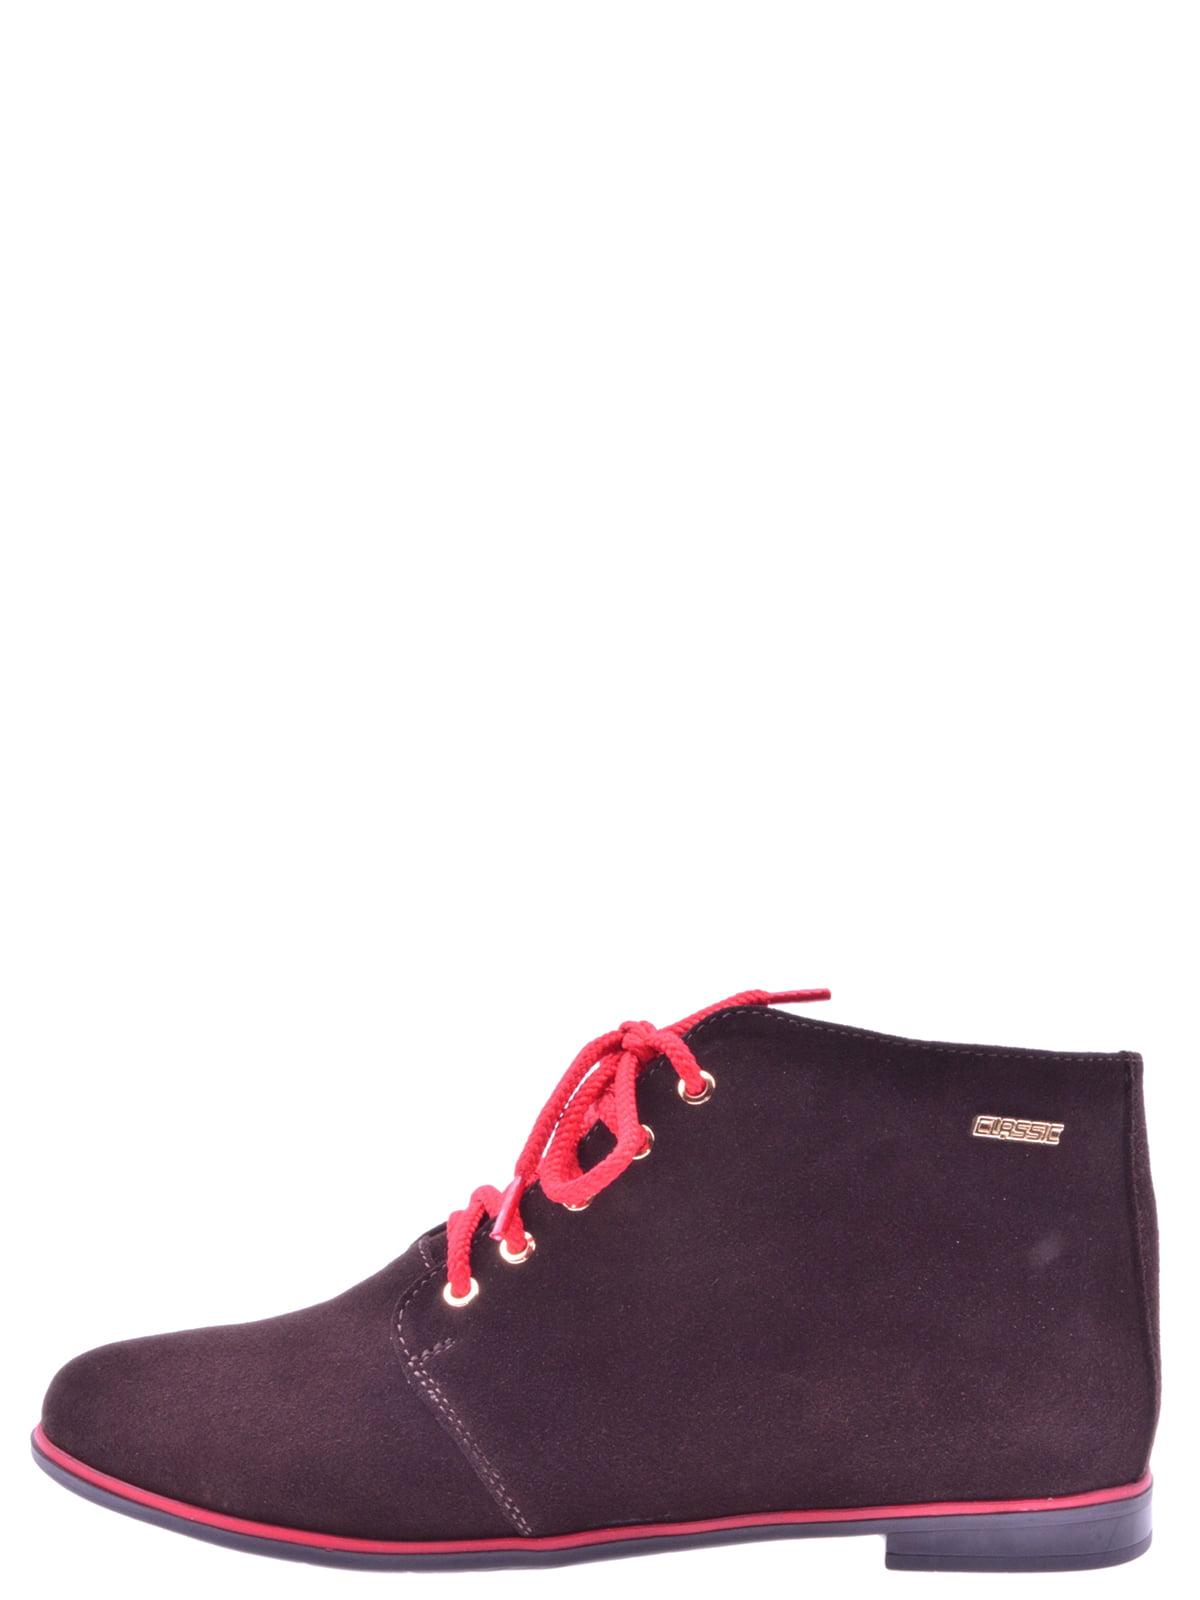 Ботинки коричневые | 4586949 | фото 2